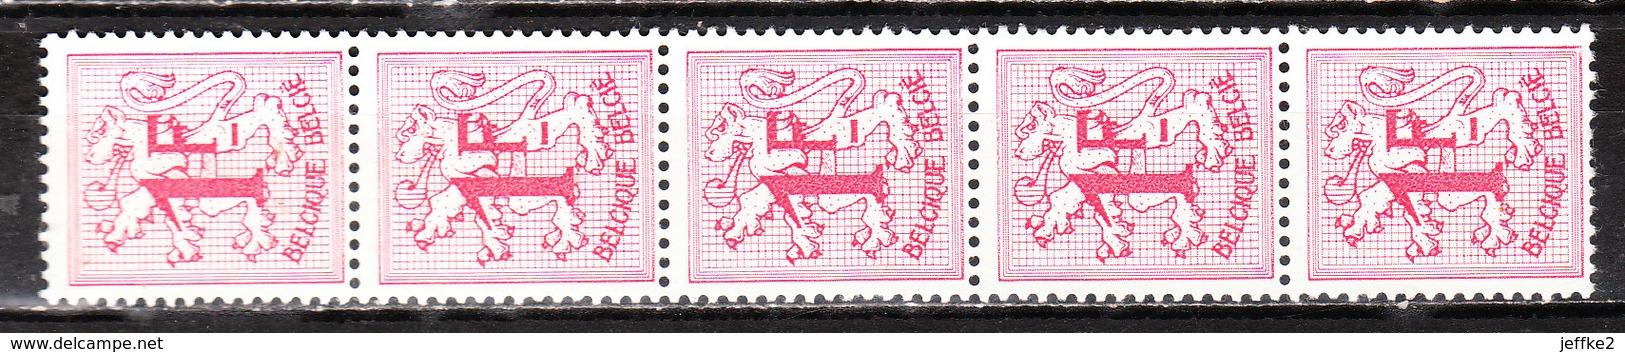 R8**  Chiffre Sur Lion Héraldique - Bande De 5 Avec Numéro - Bonne Valeur - MNH** - COB 130 - RRR!!!! - Rouleaux